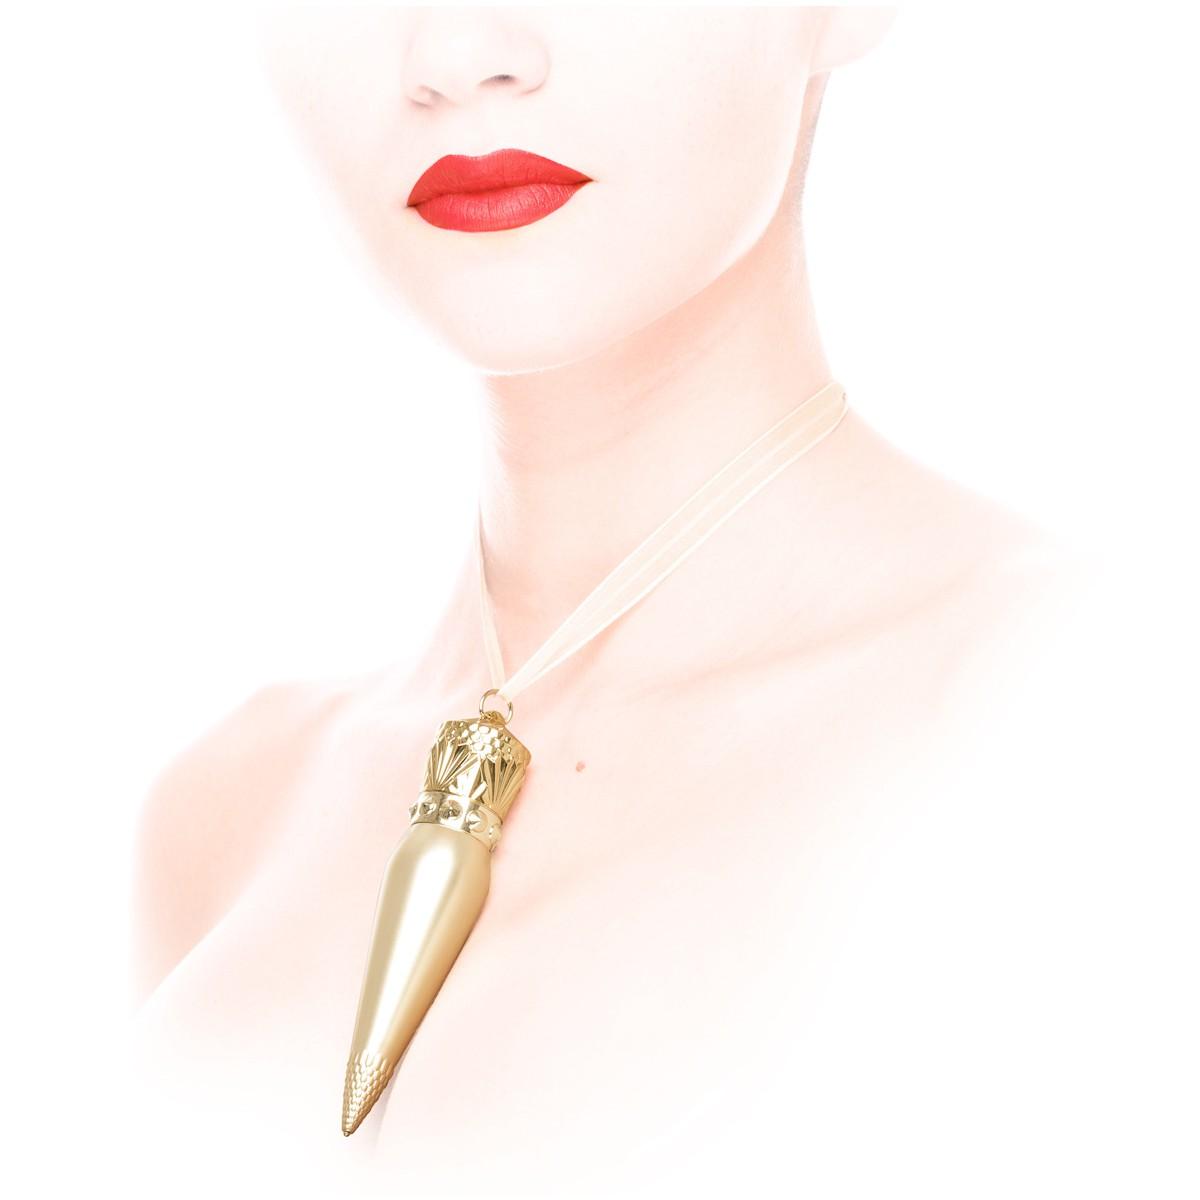 Beauty - Diva Loubigraffiti - Christian Louboutin